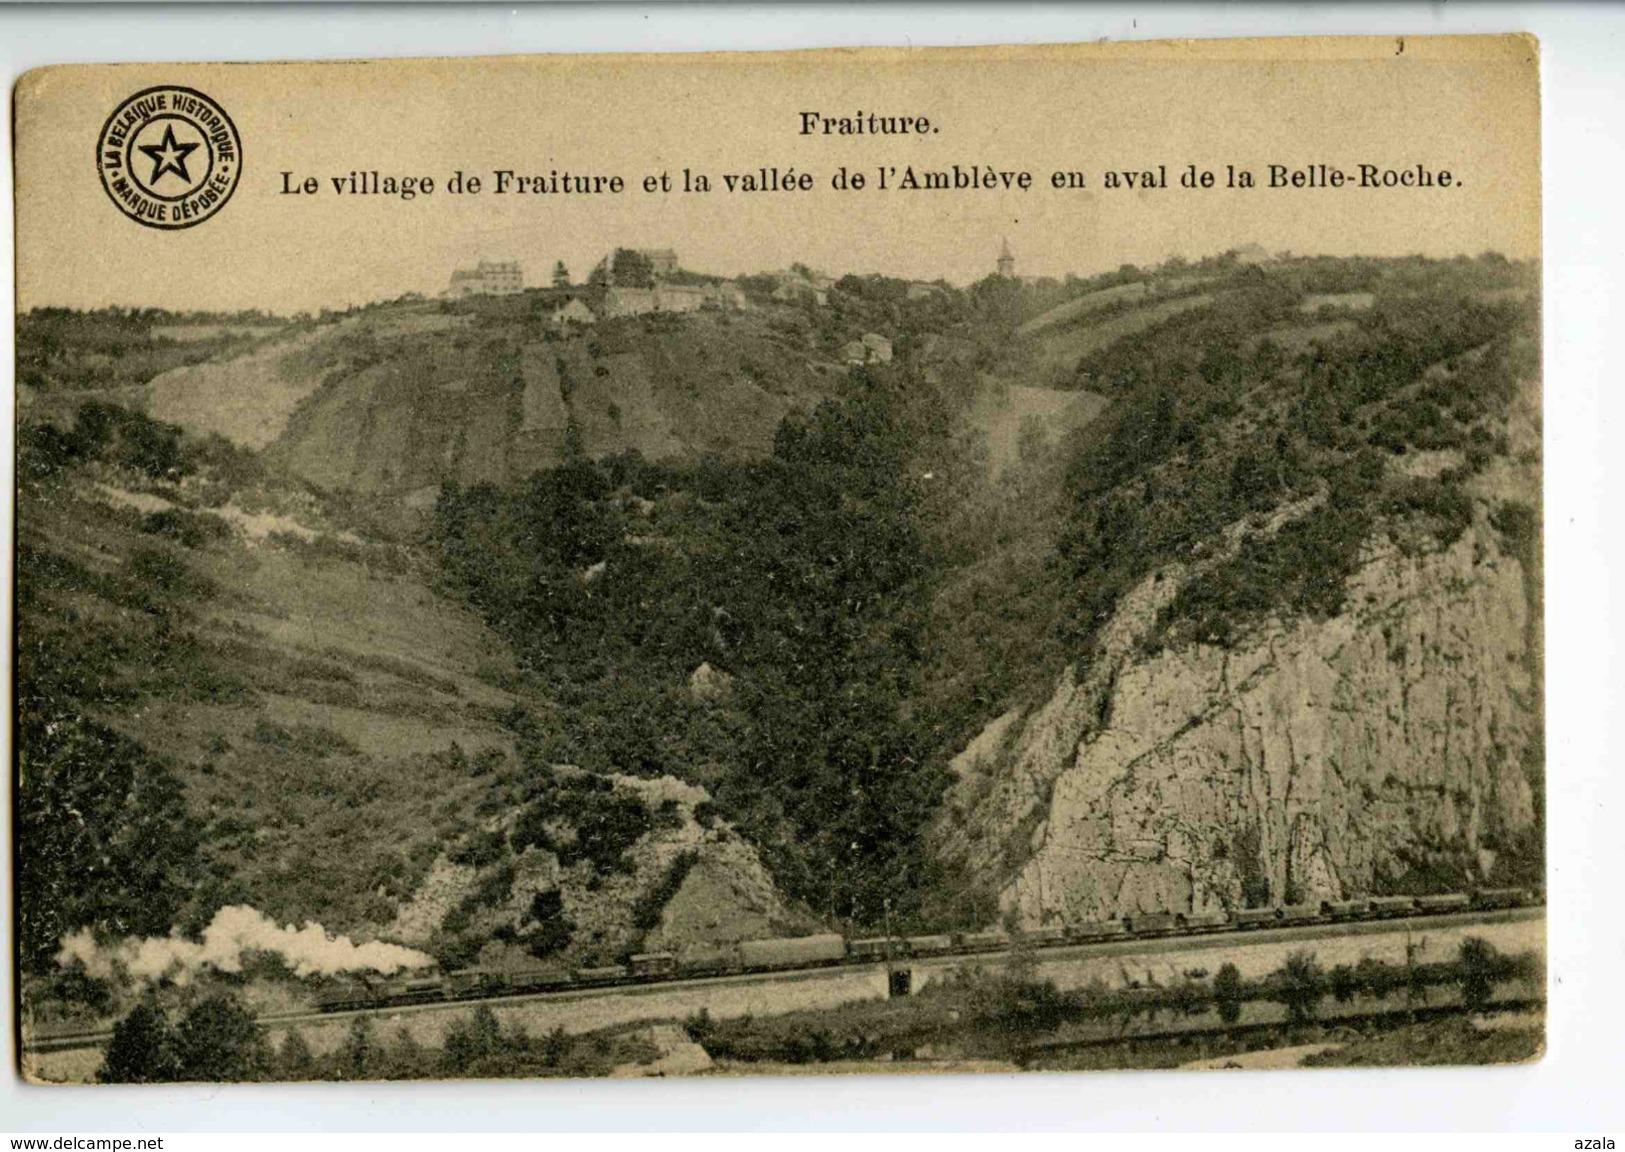 A 18888   -   Fraiture  -  Le Village De Fraiture Et La Vallée De L'Amblève En Aval De La Belle-Roche - Tinlot